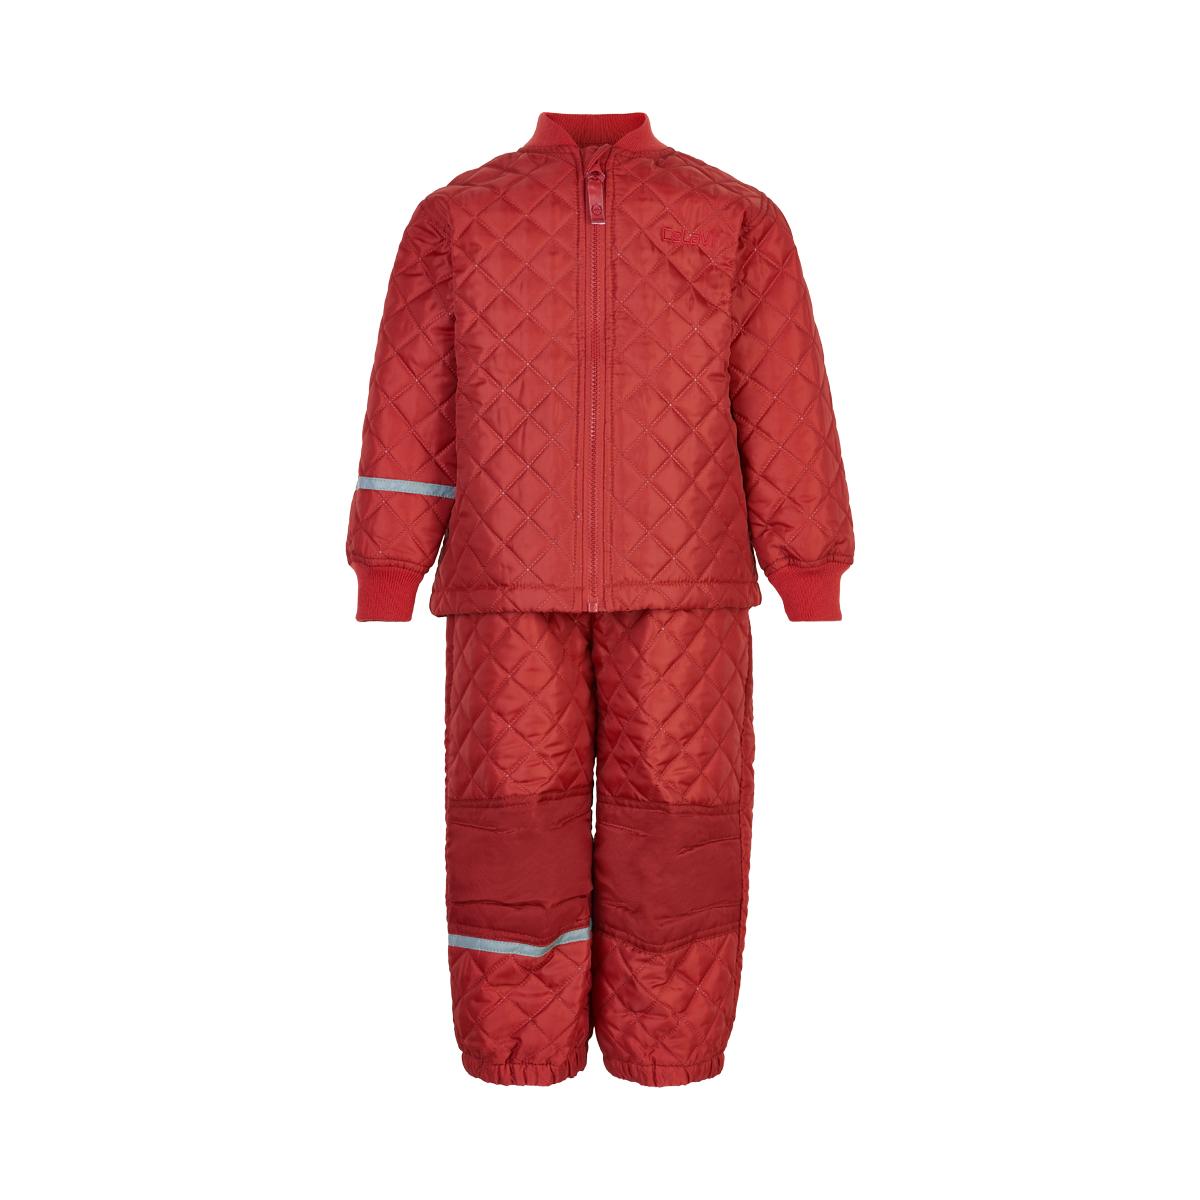 CeLaVi dětský termo oblek 3555-443